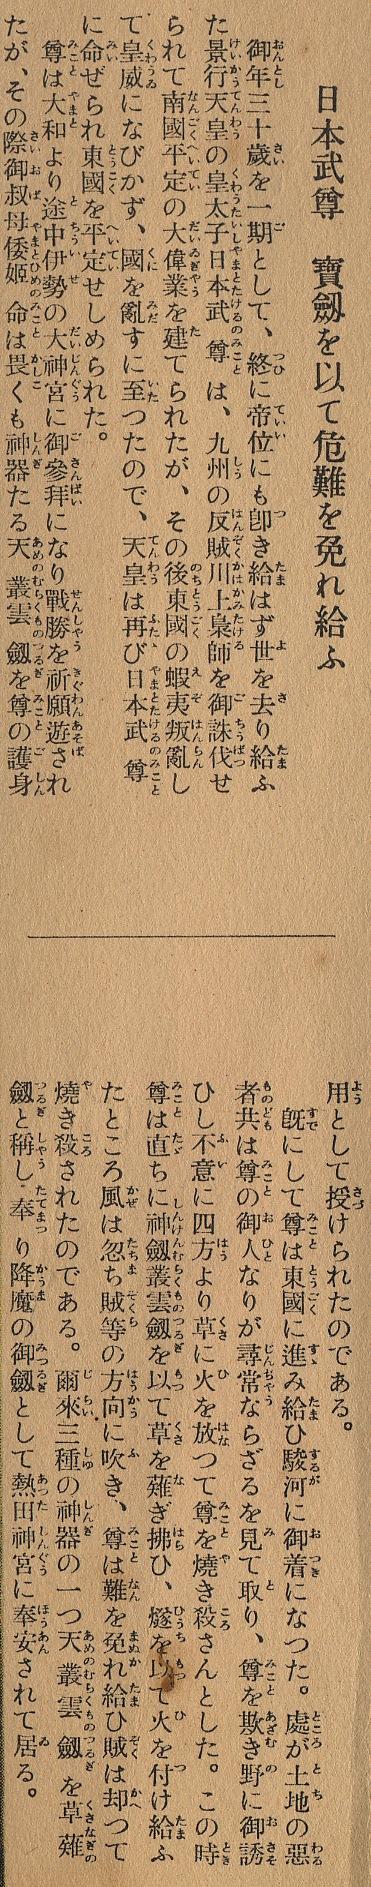 04_yamatotakerunomikoto_hokenwomote_ex.jpg